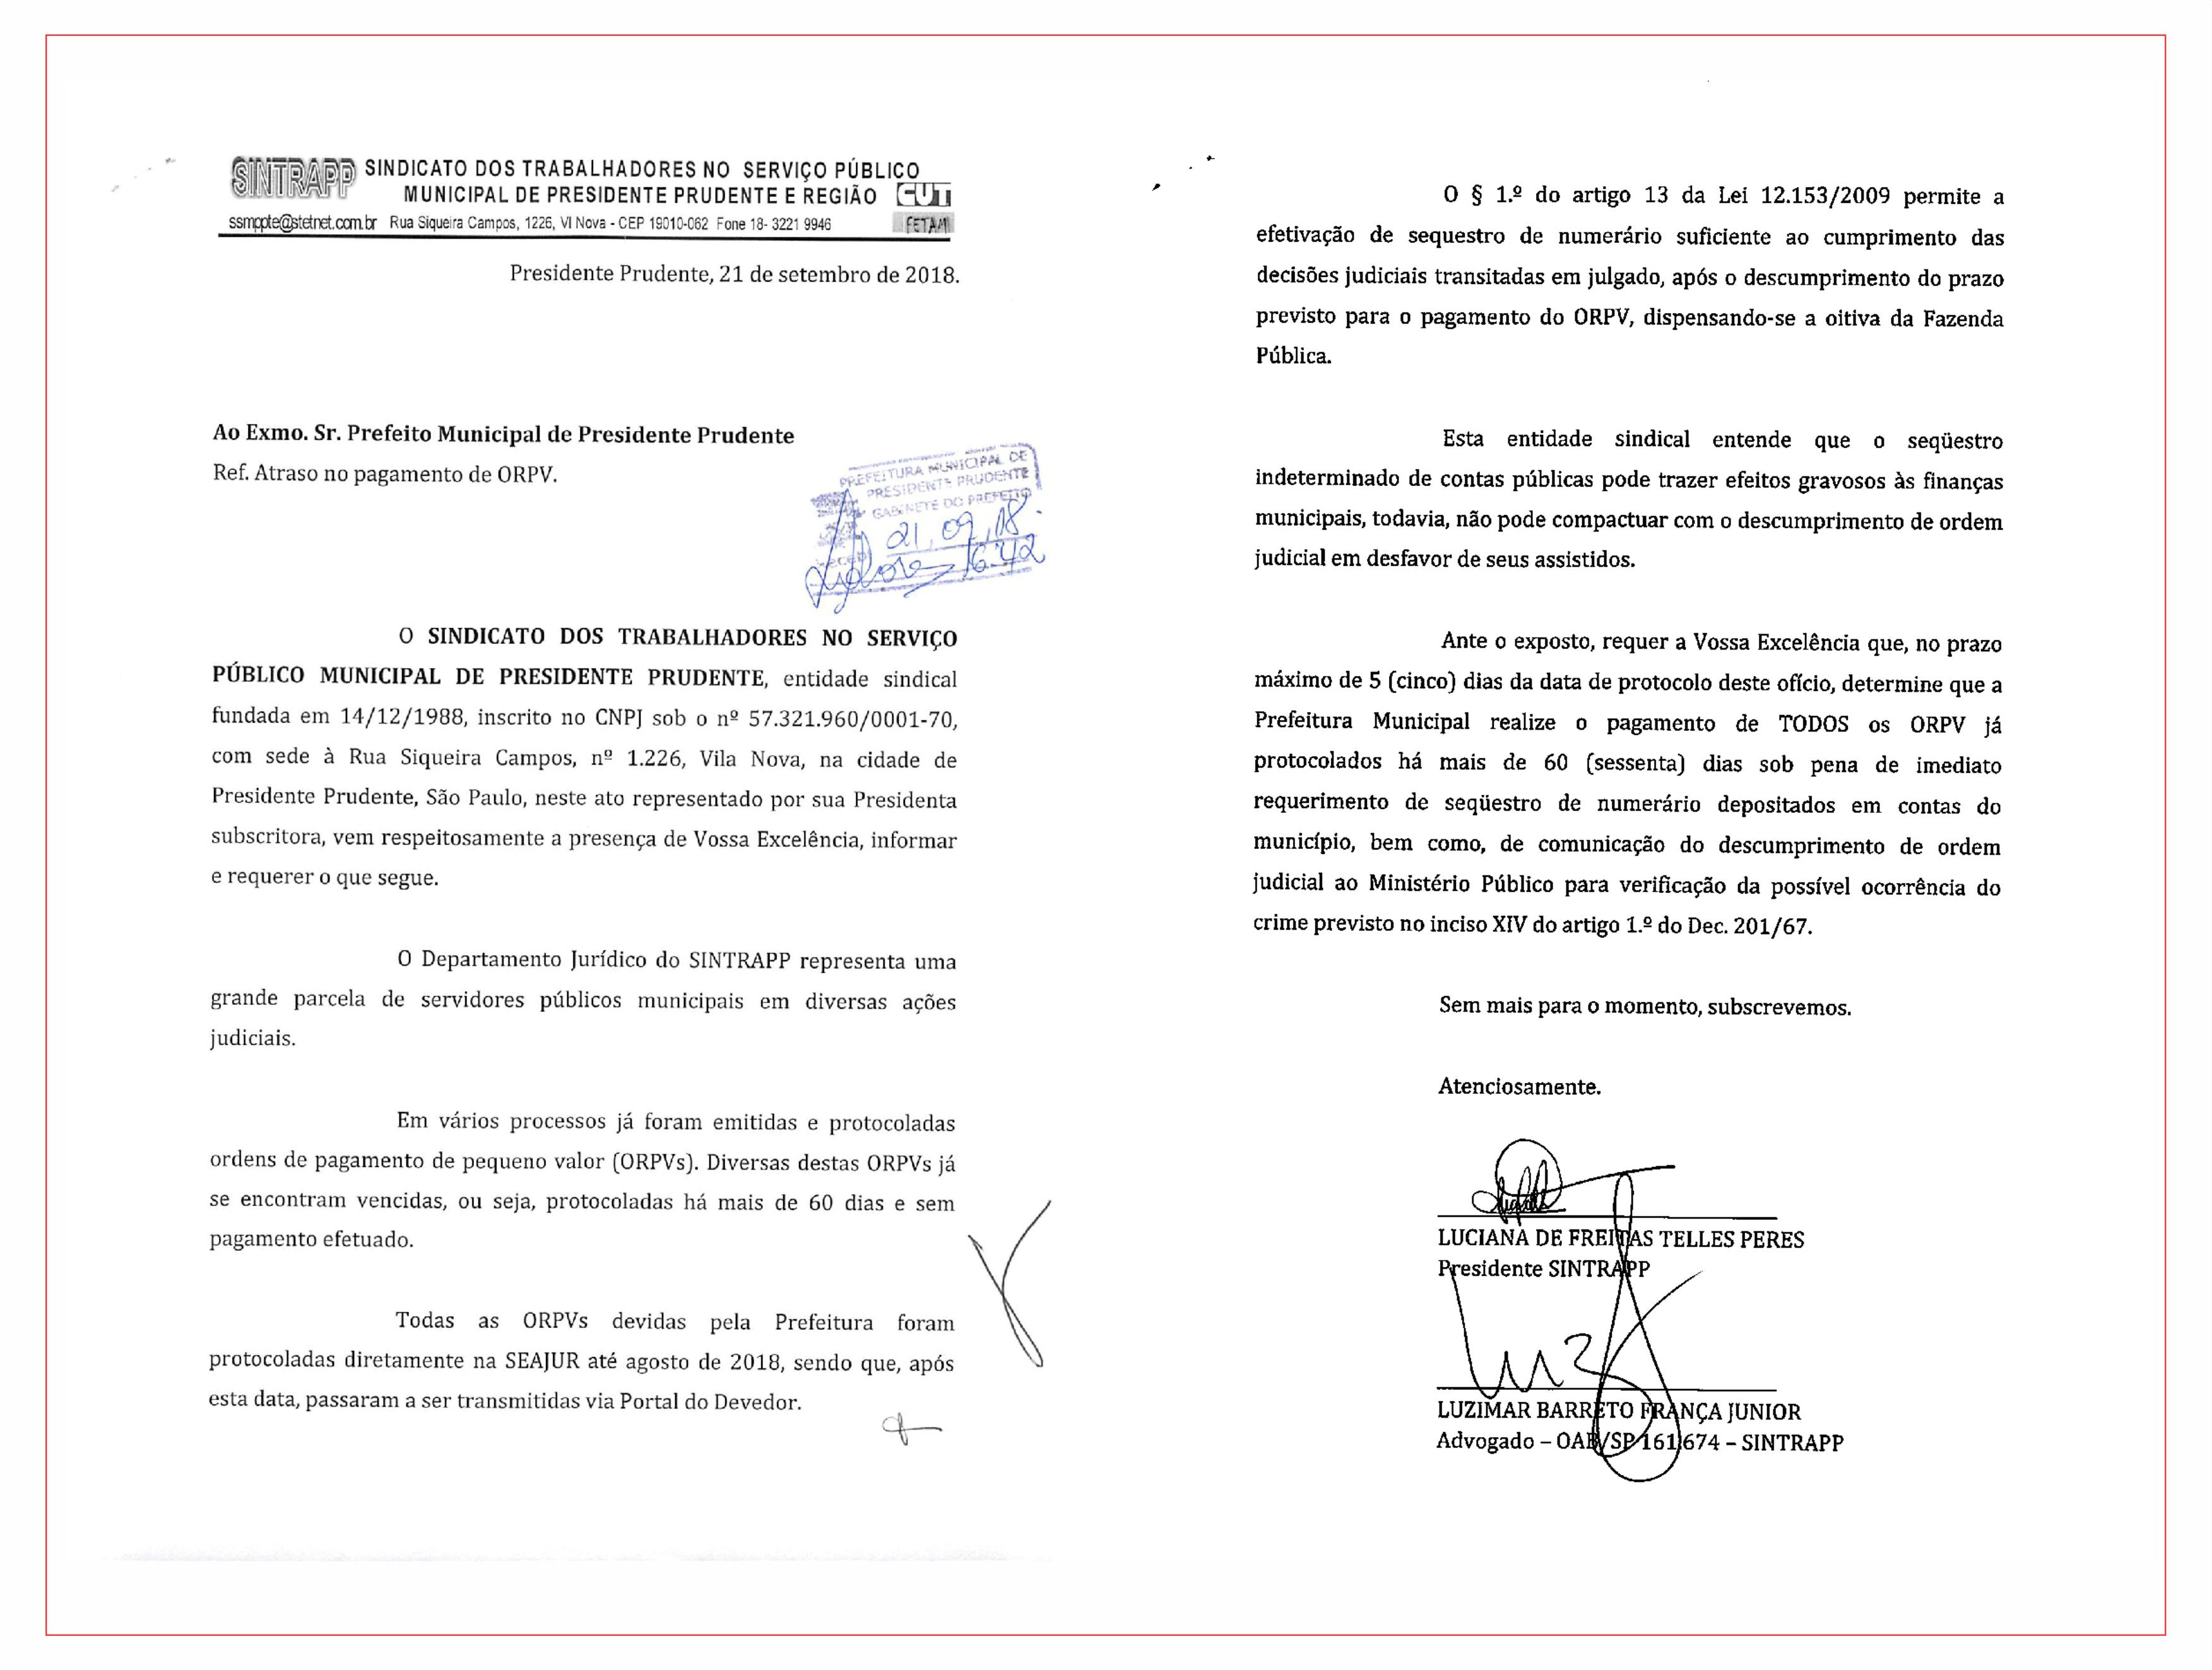 Sindicato notifica prefeitura acerca do pagamento de ações